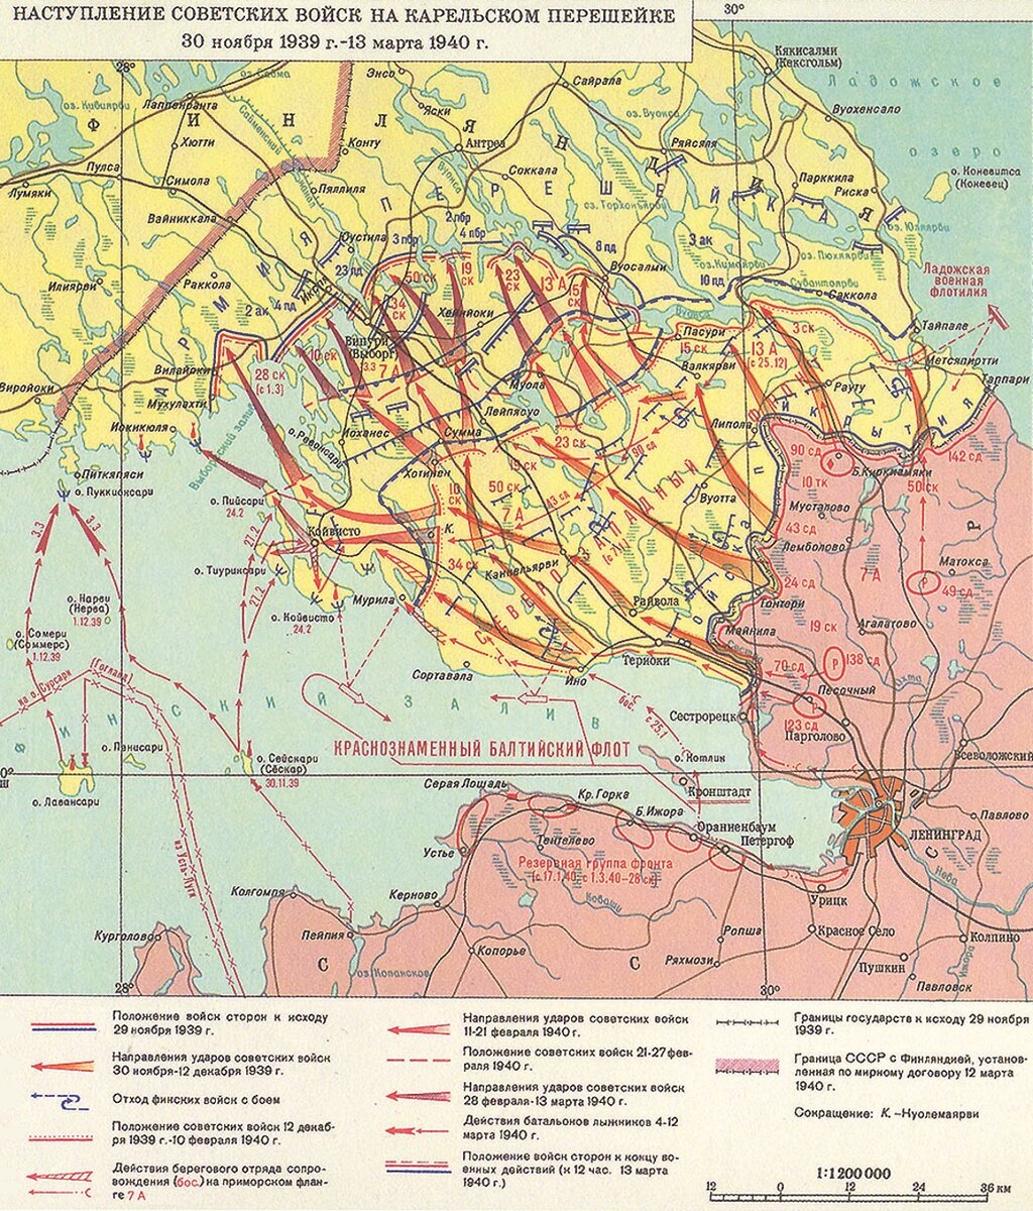 нападение ссср на польшу в 1939